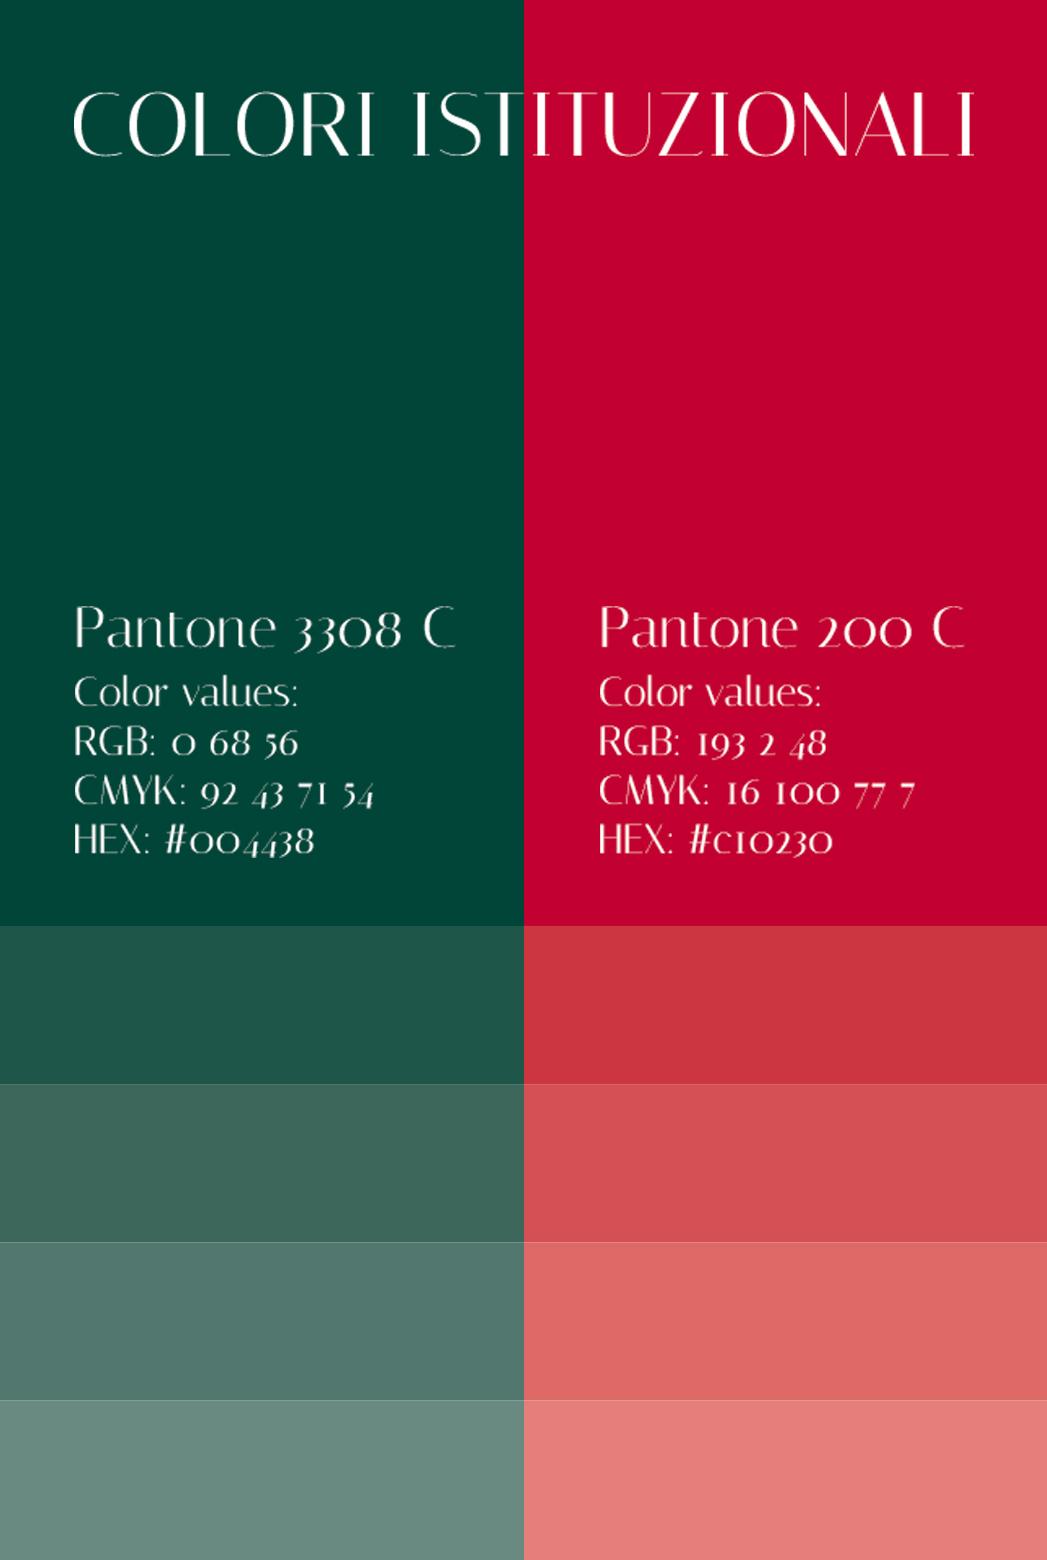 palettacolori_dispensa